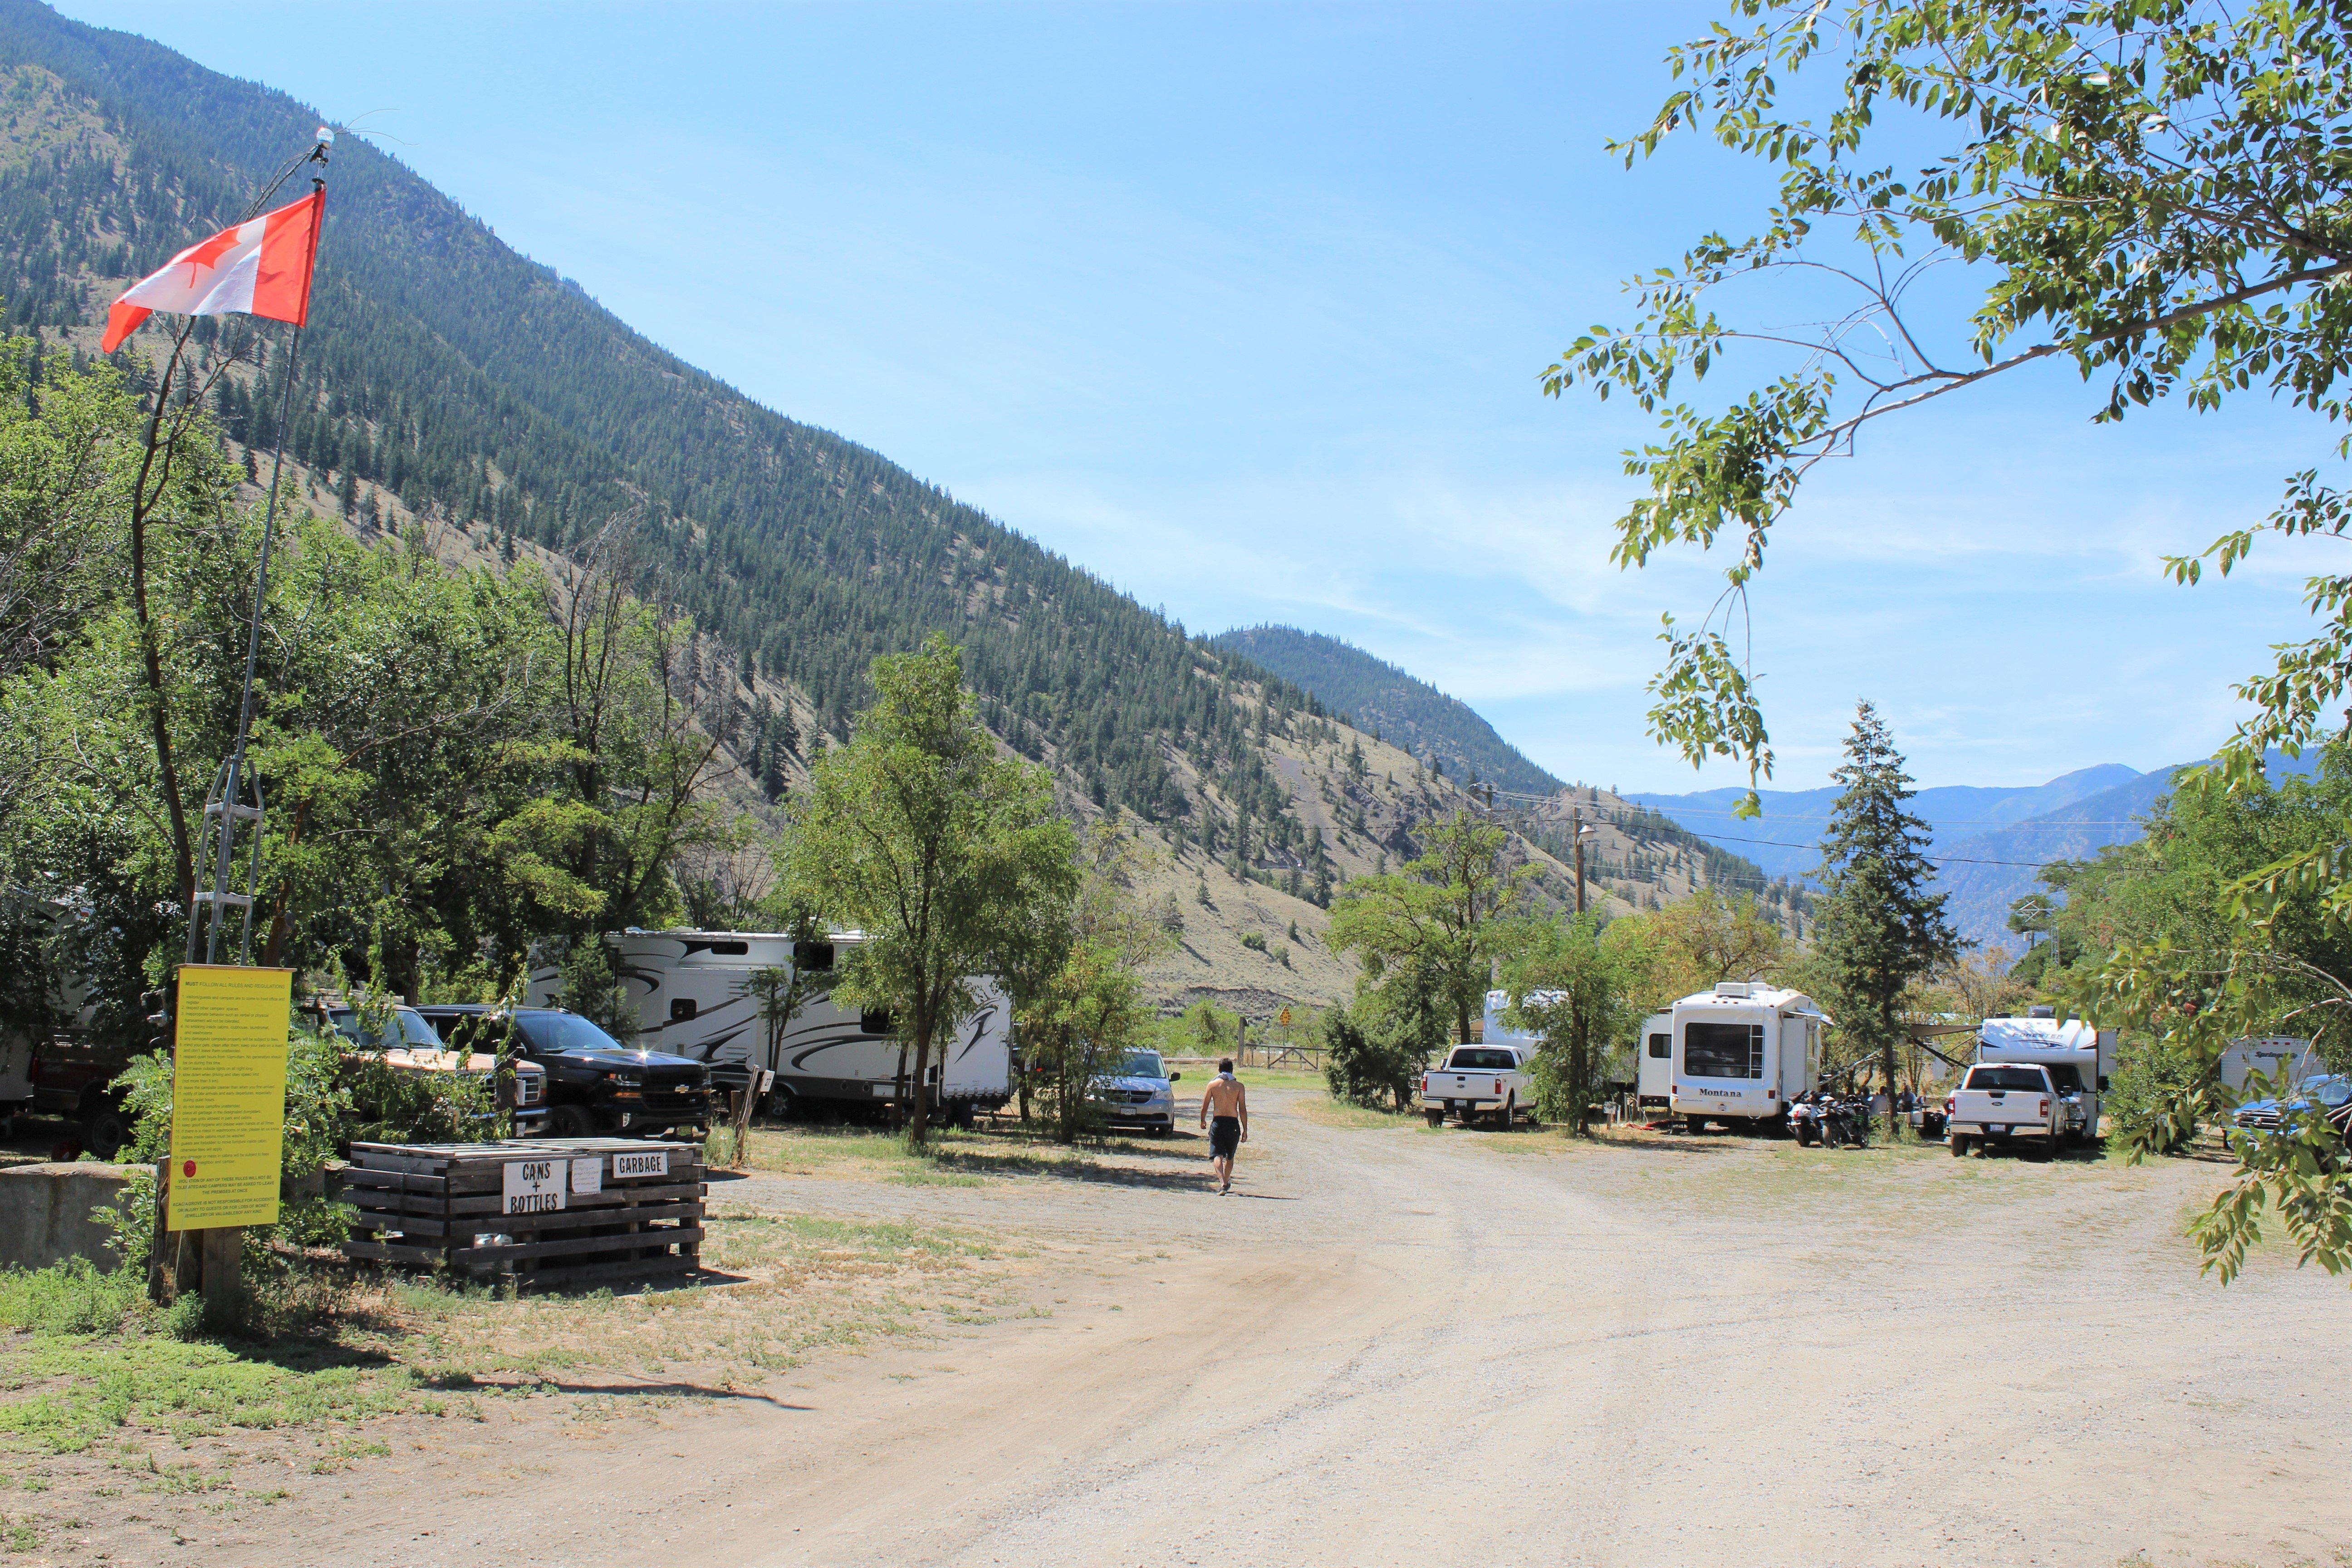 https://0901.nccdn.net/4_2/000/000/057/fca/campsite-picture.jpg